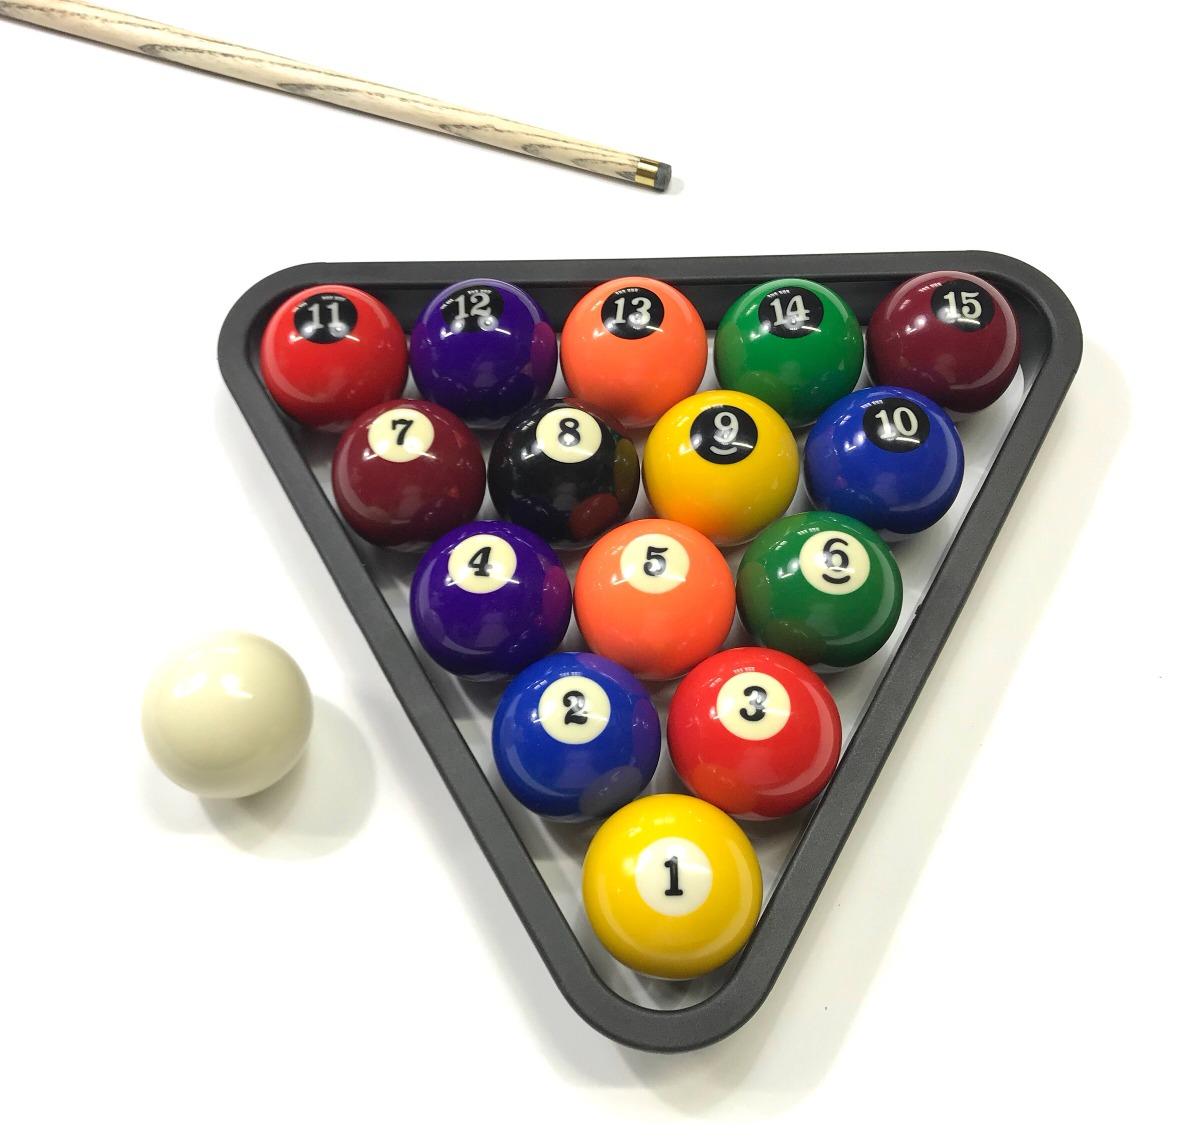 Jg Bolas De Bilhar   Sinuca   Snooker 54mm + Triângulo - R  119 0049a89e24b1e